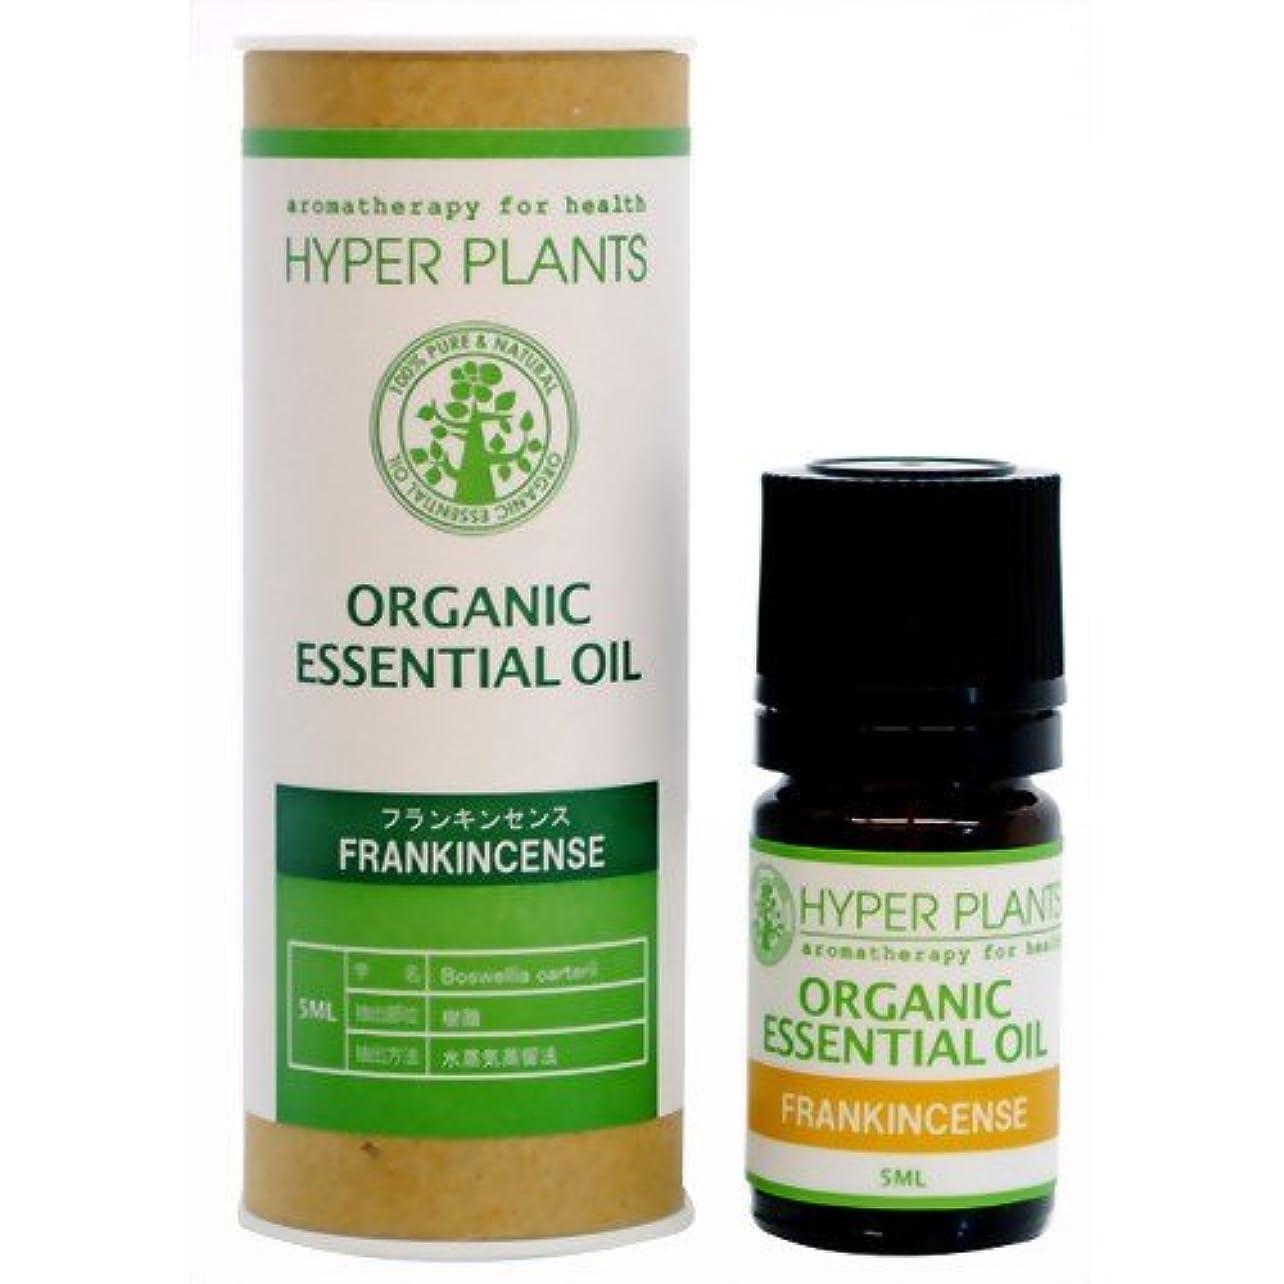 不確実取り付けびんHYPER PLANTS ハイパープランツ オーガニックエッセンシャルオイル フランキンセンス 5ml HE0024